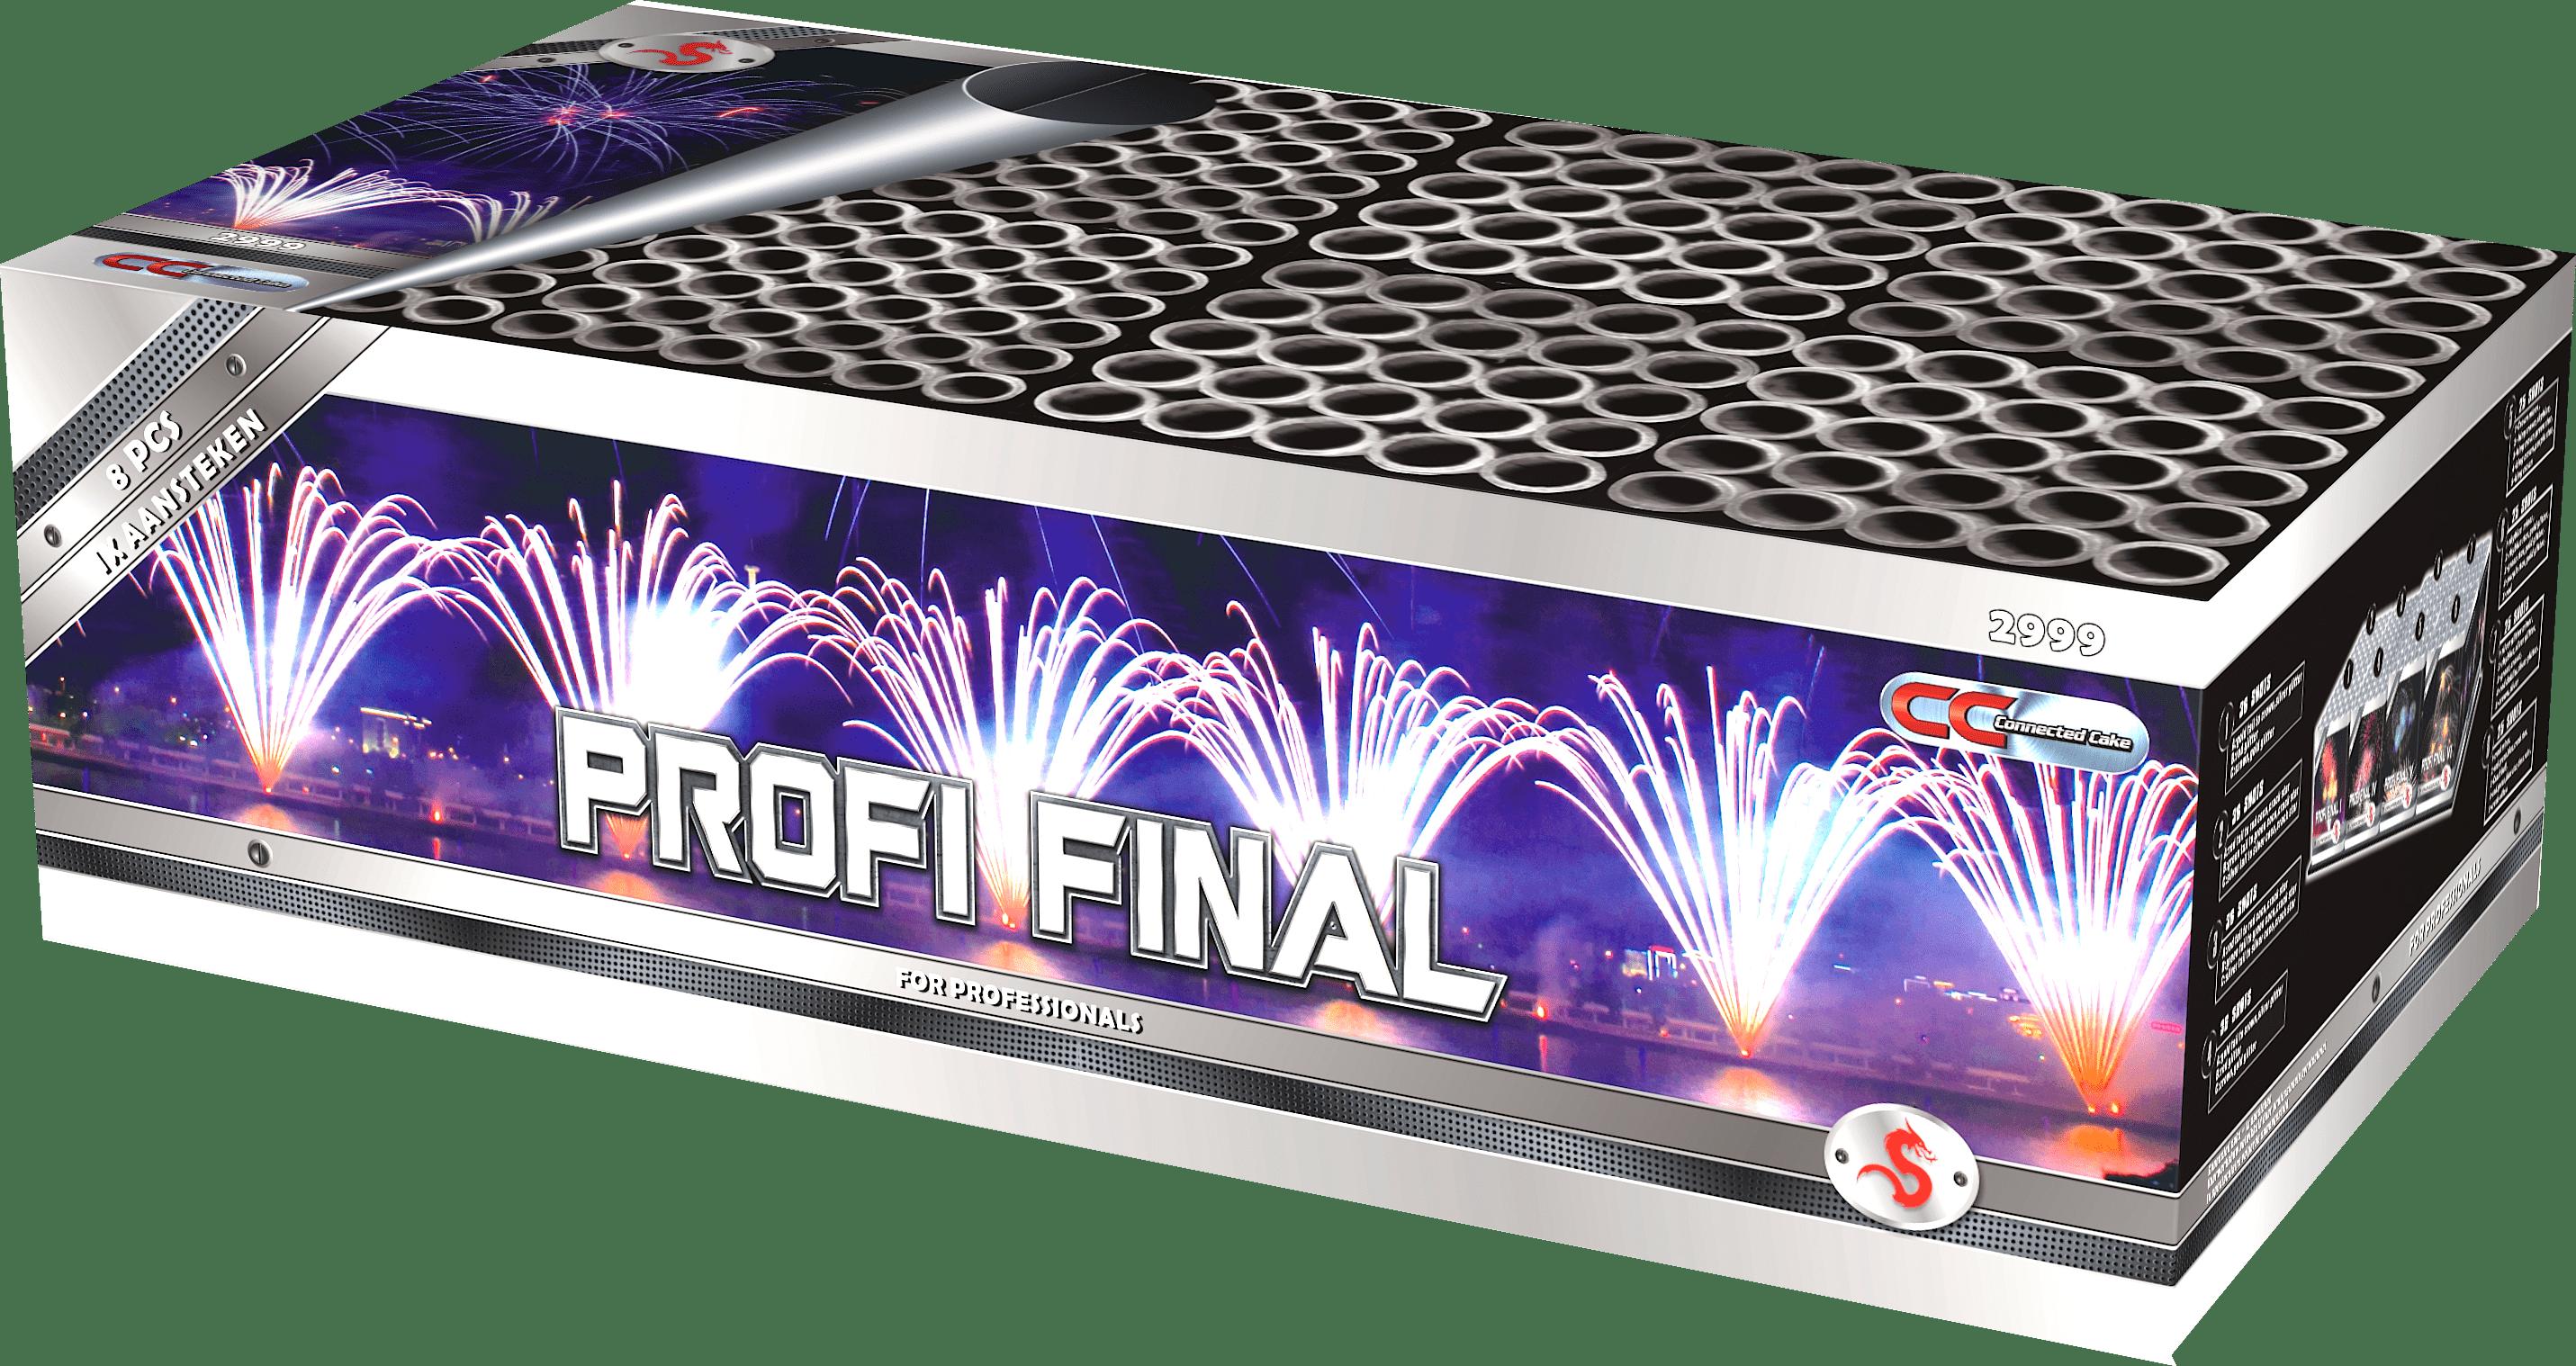 Profi final Connected